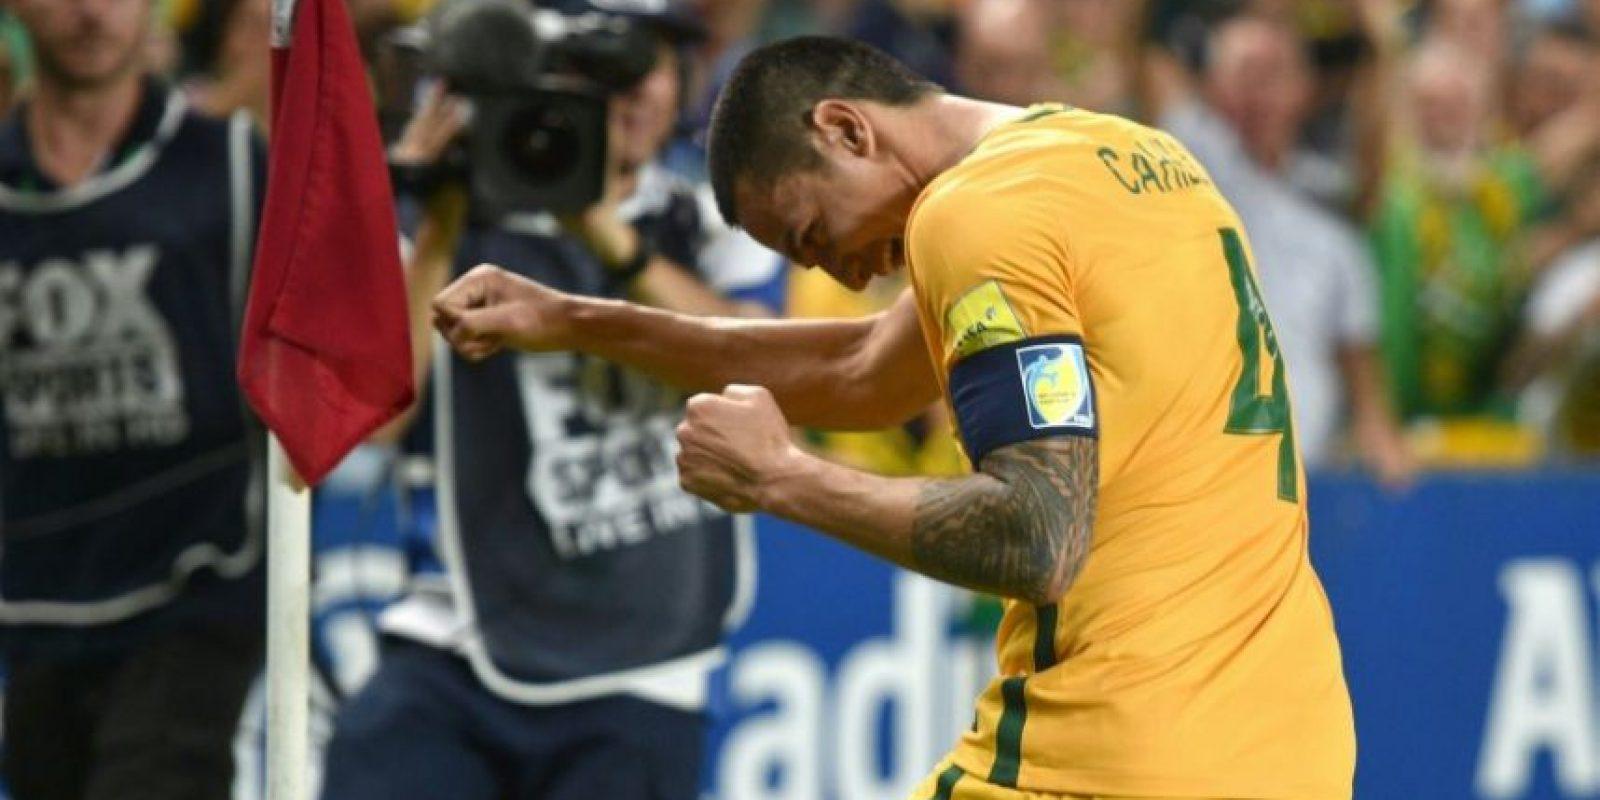 Tim Cahill: El delantero es el máximo anotador de la historia de la selección australiana y sus mejores momentos los vivió en Everton, donde jugó entre 2002 y 2014. Luego partió al fútbol chino y ahora busca el que podría ser su último contrato en el fútbol. Foto:AFP